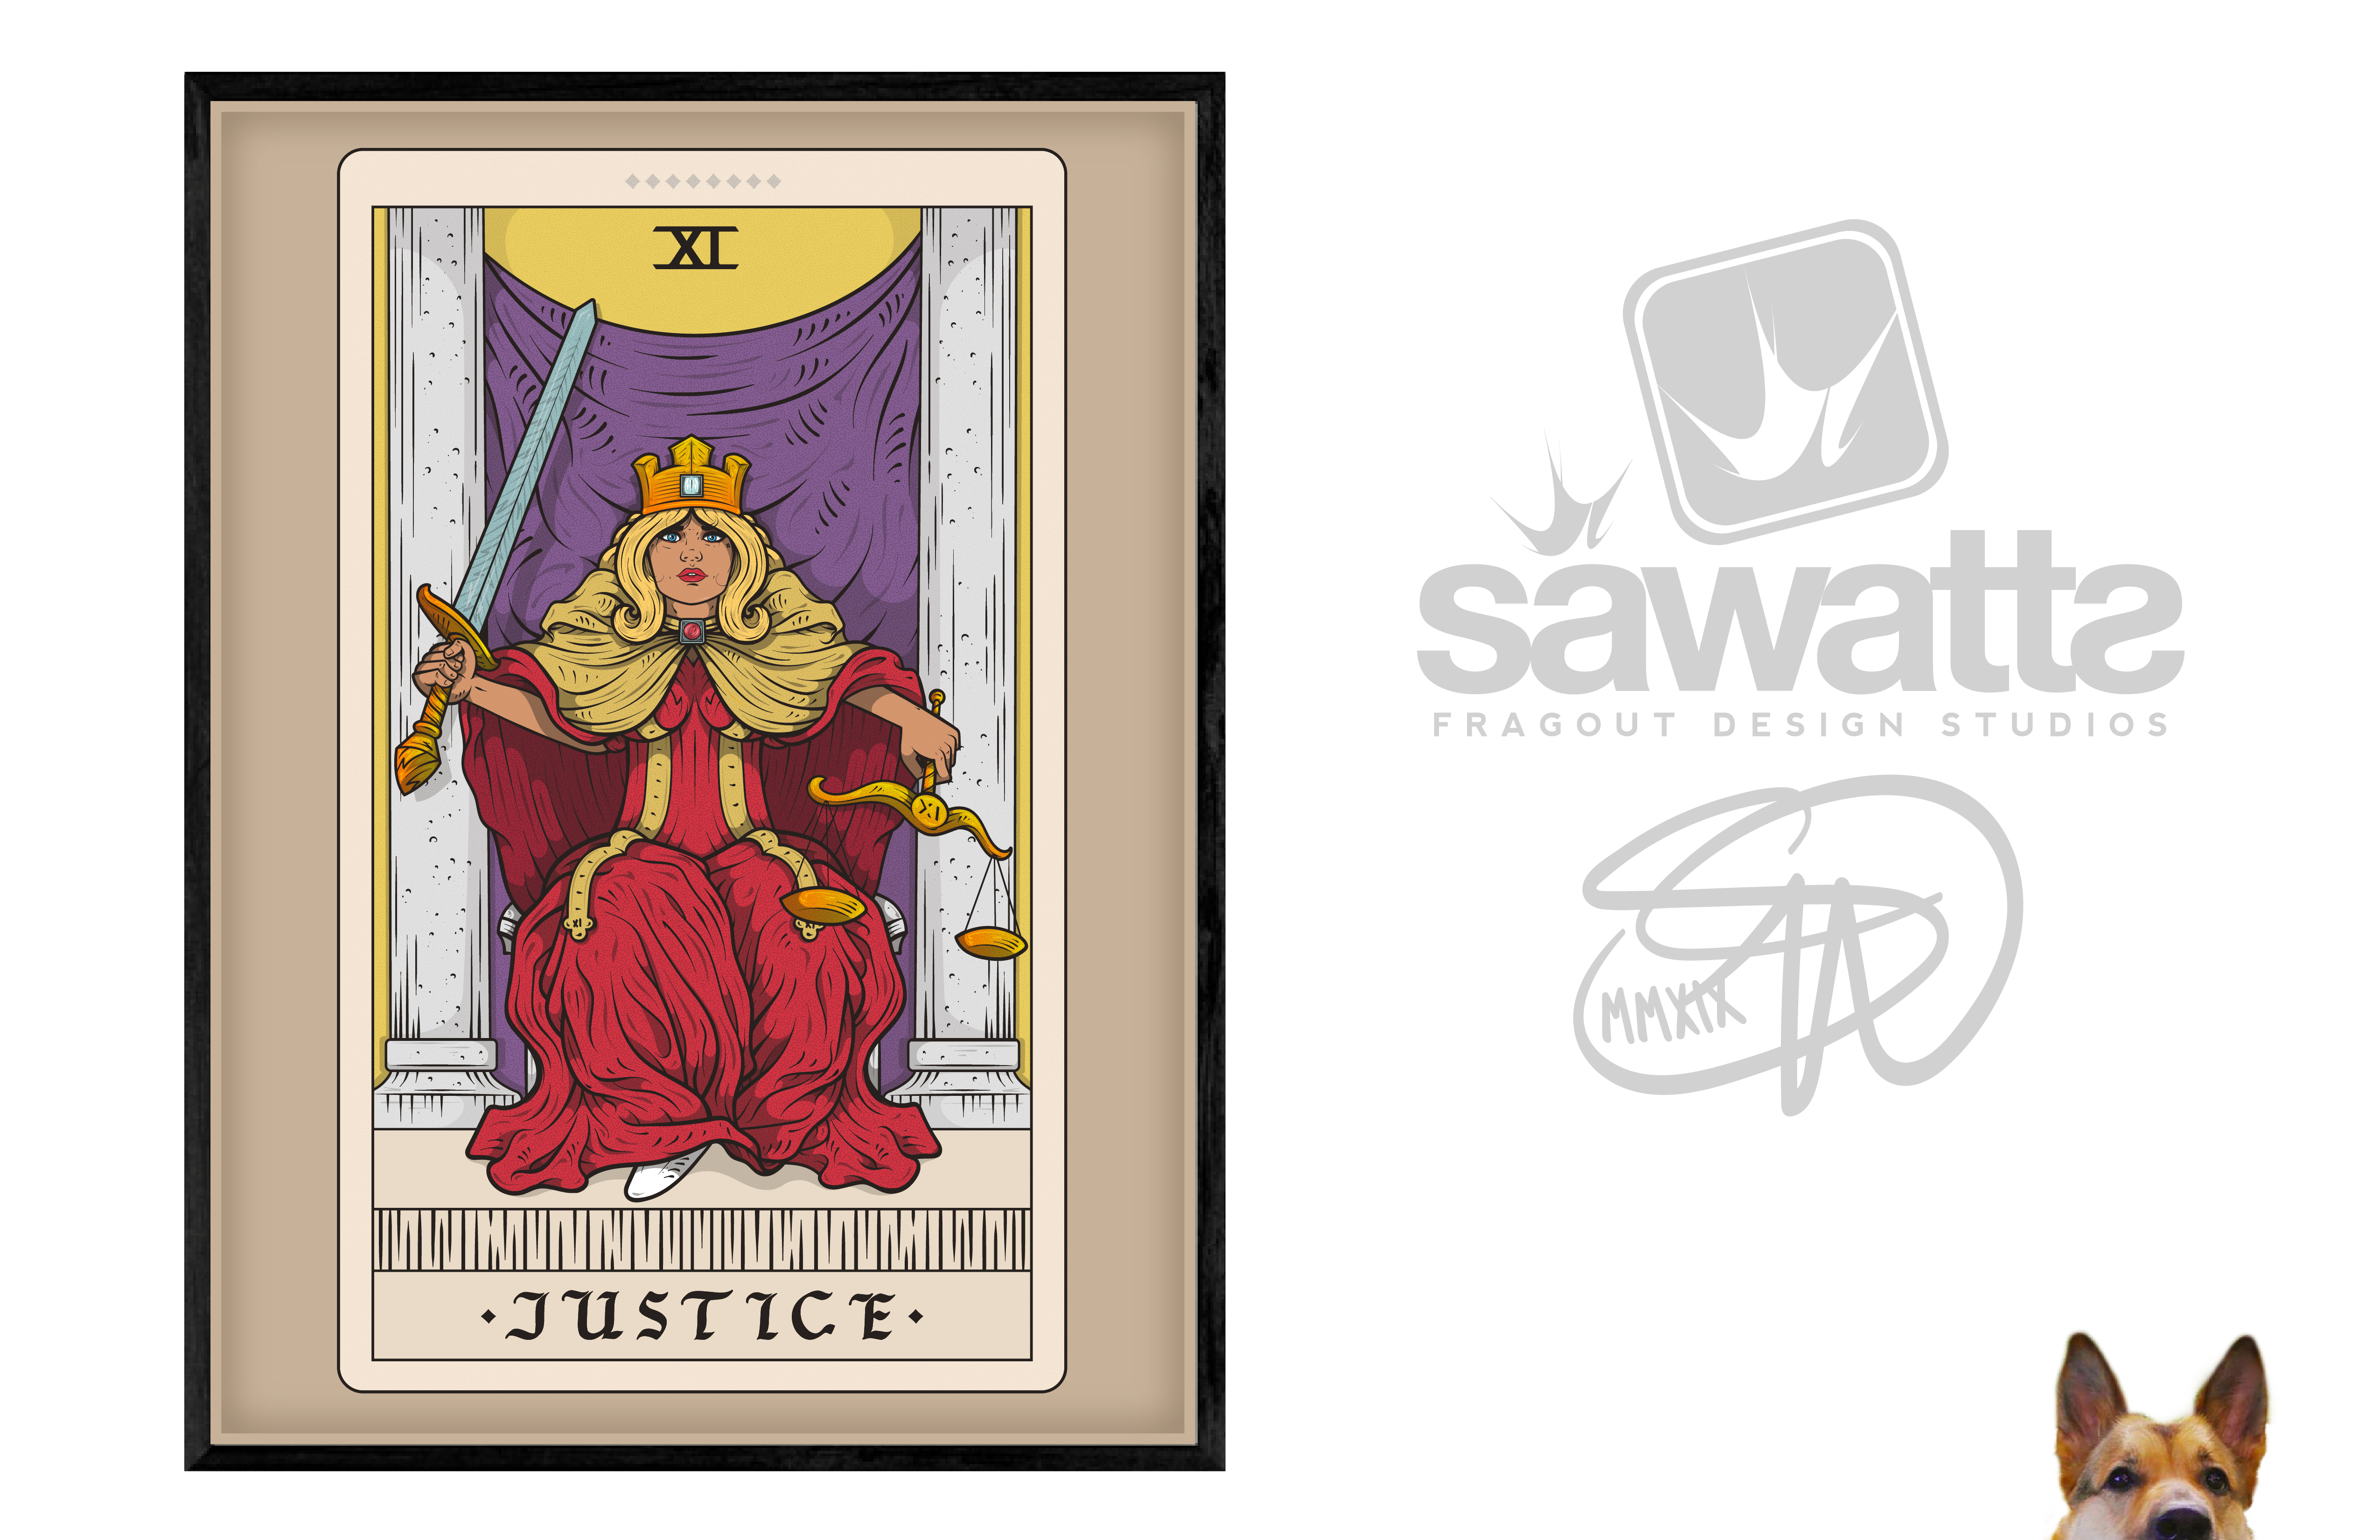 Justice Tarot Card Poster Design